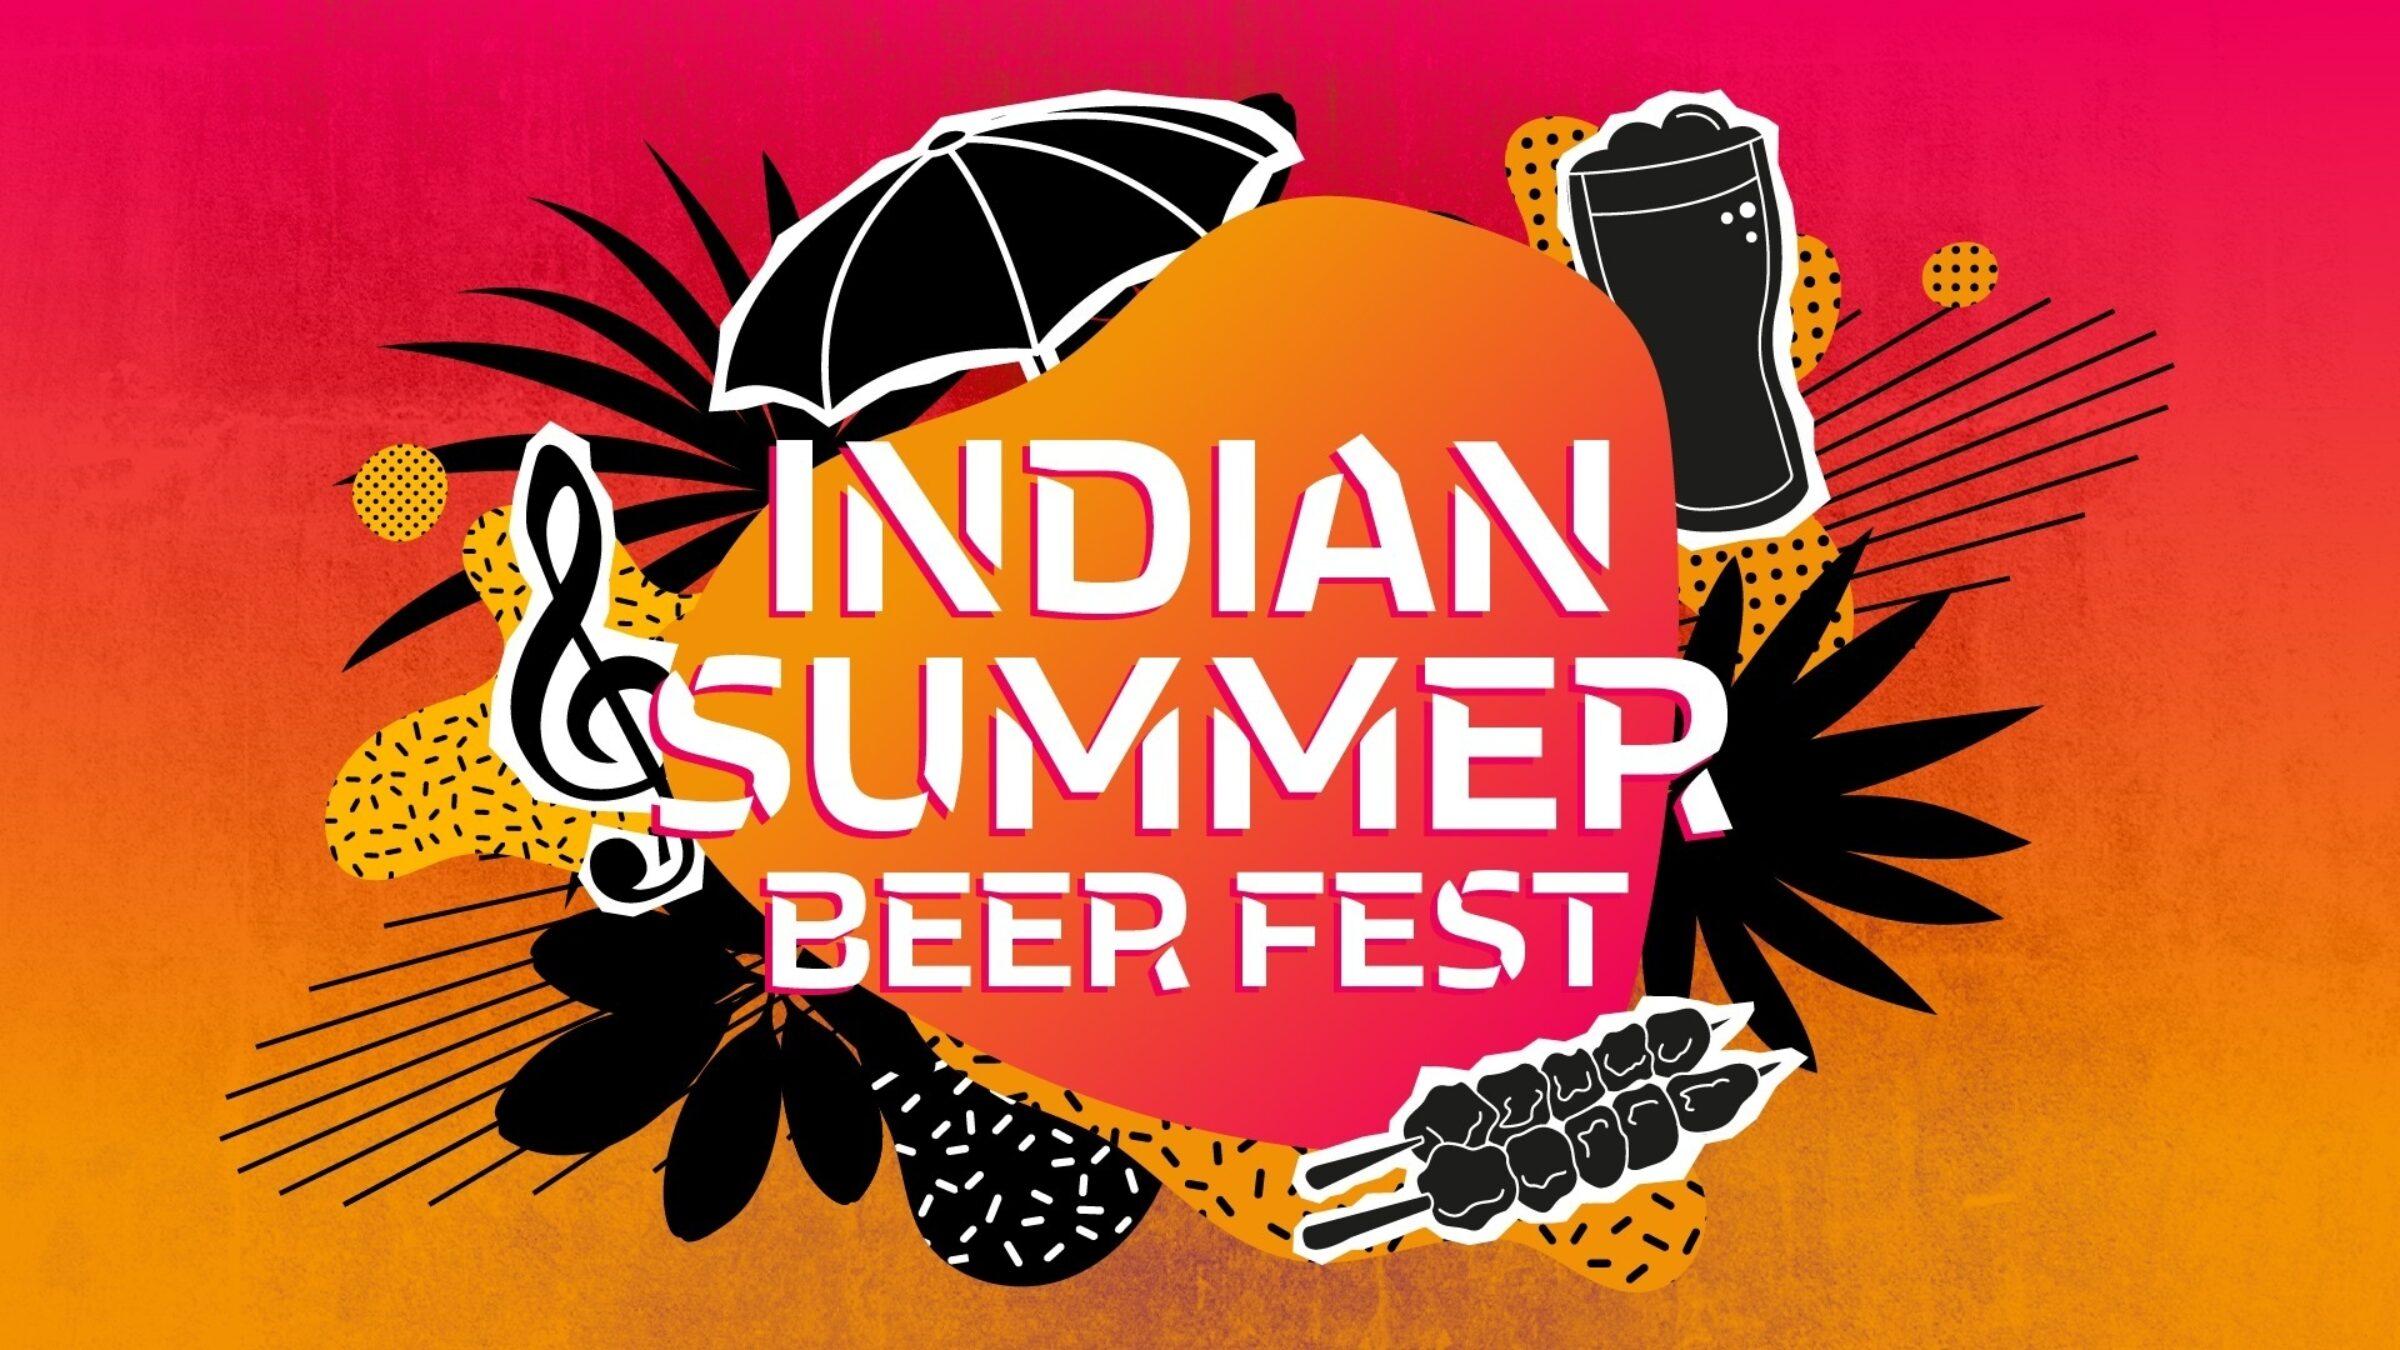 Indian Summer Beer Fest